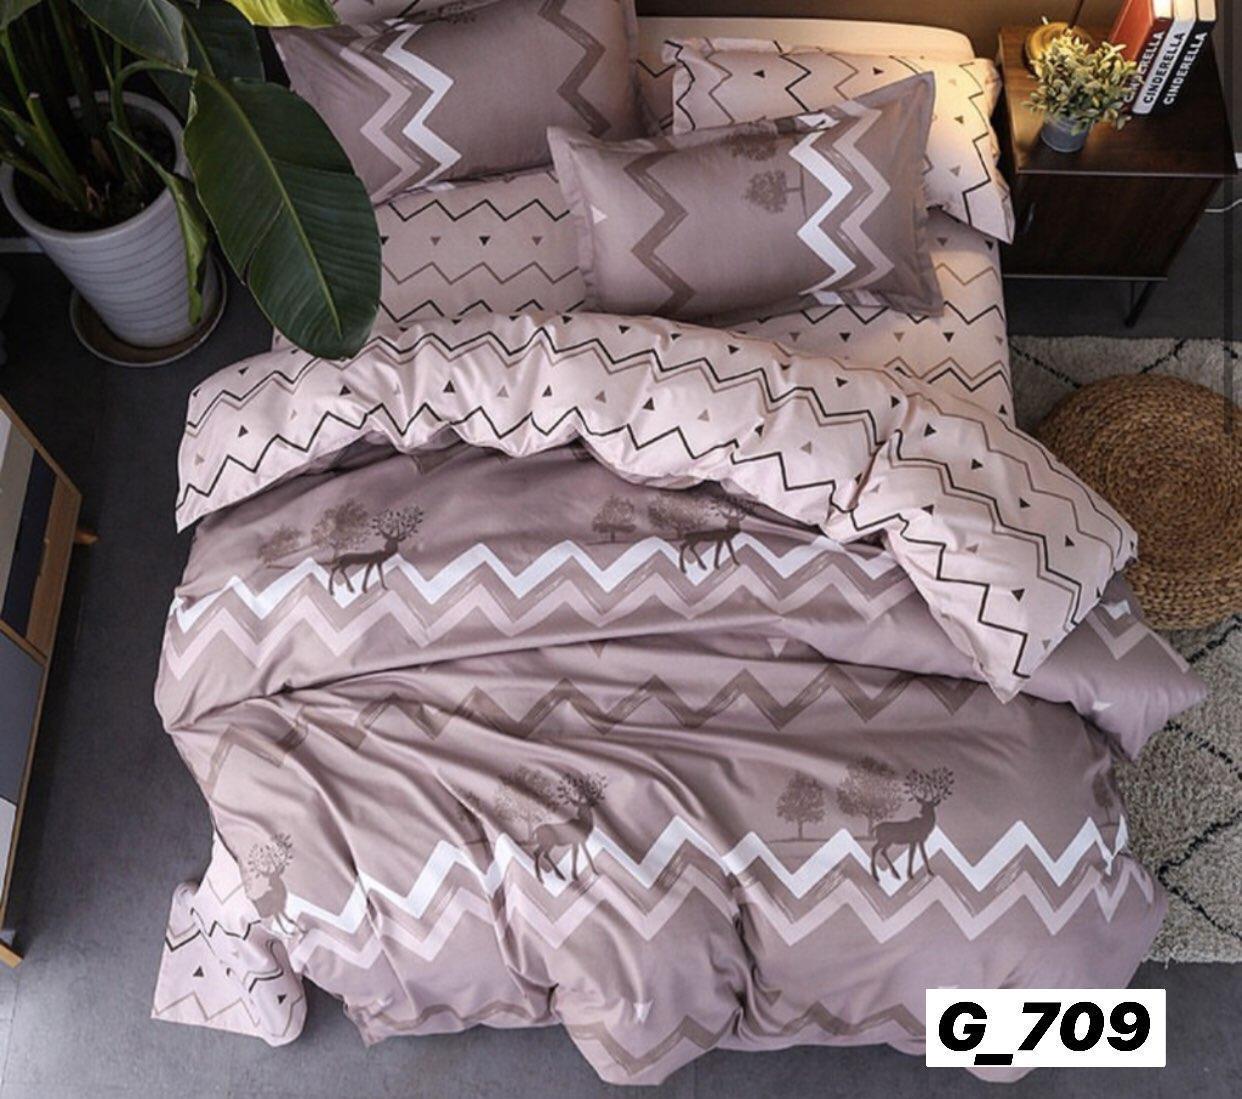 Постельное двуспальное бельё из высококачественного плотного хлопка